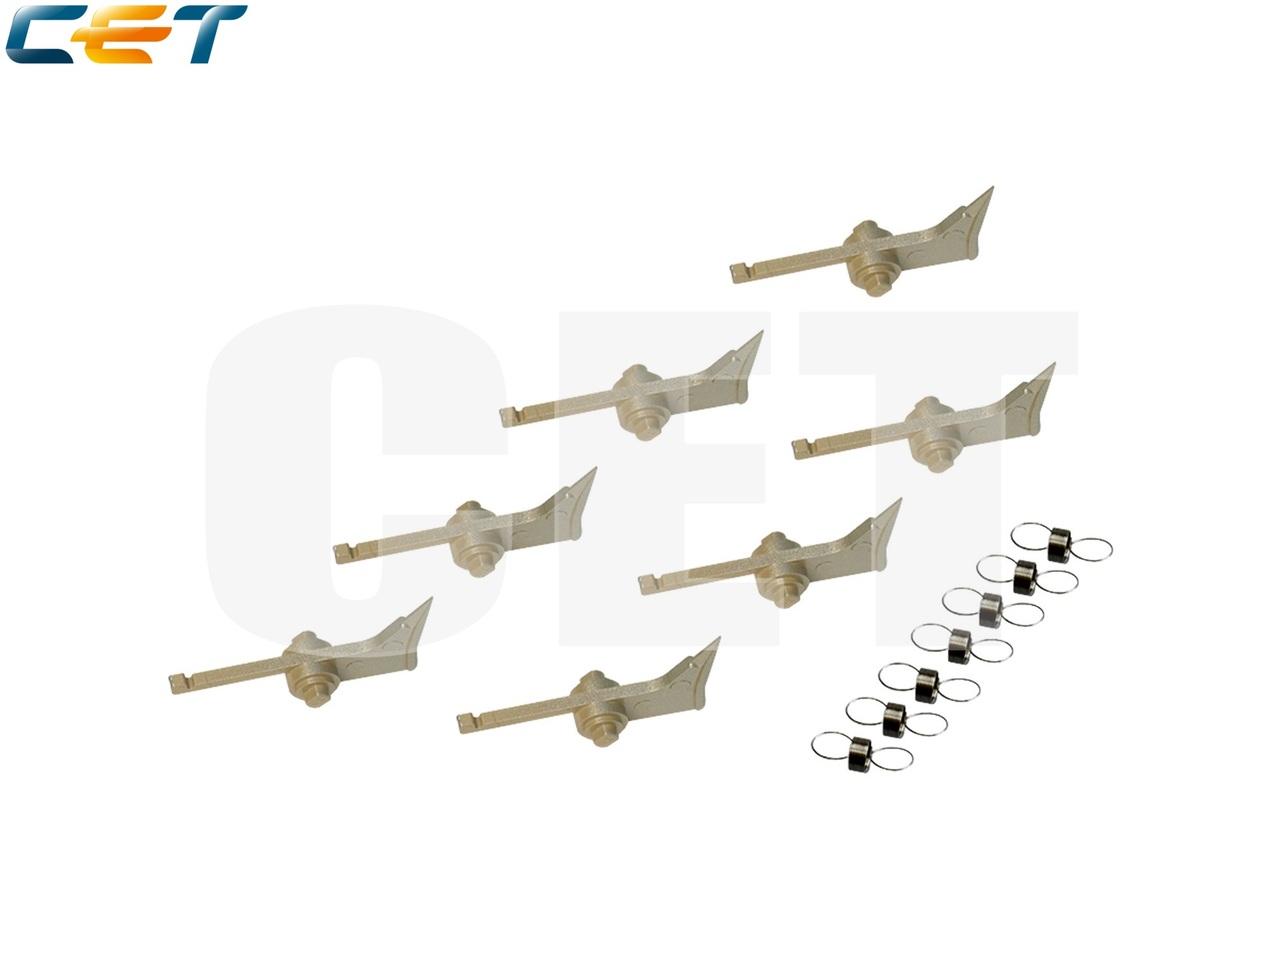 Сепаратор тефлонового вала с пружиной AE04-4056 дляRICOH Aficio 3035/3045 (CET), CET6180